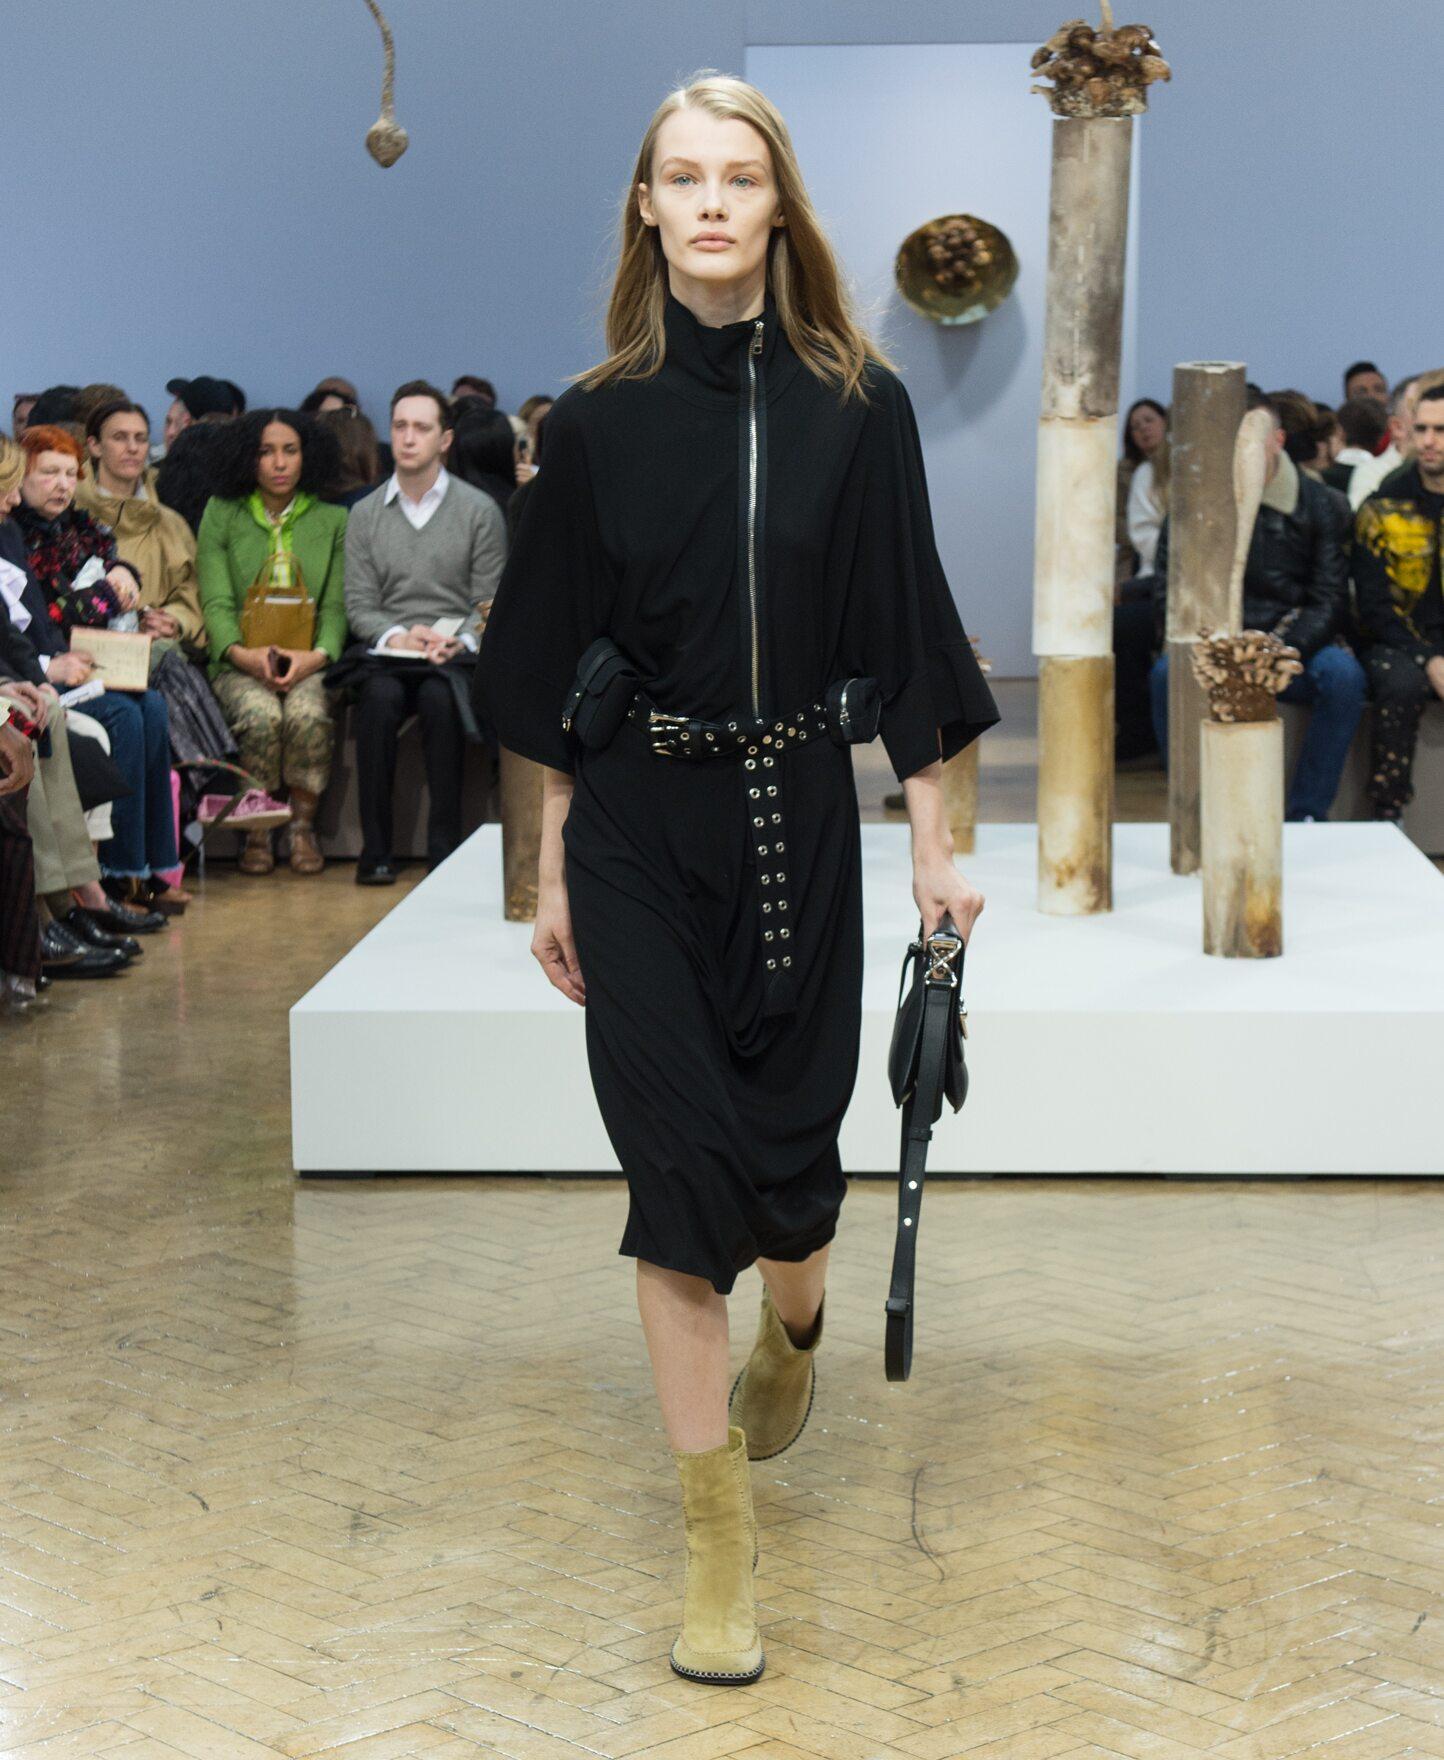 Fashion 2018-19 Woman Style J.W. Anderson